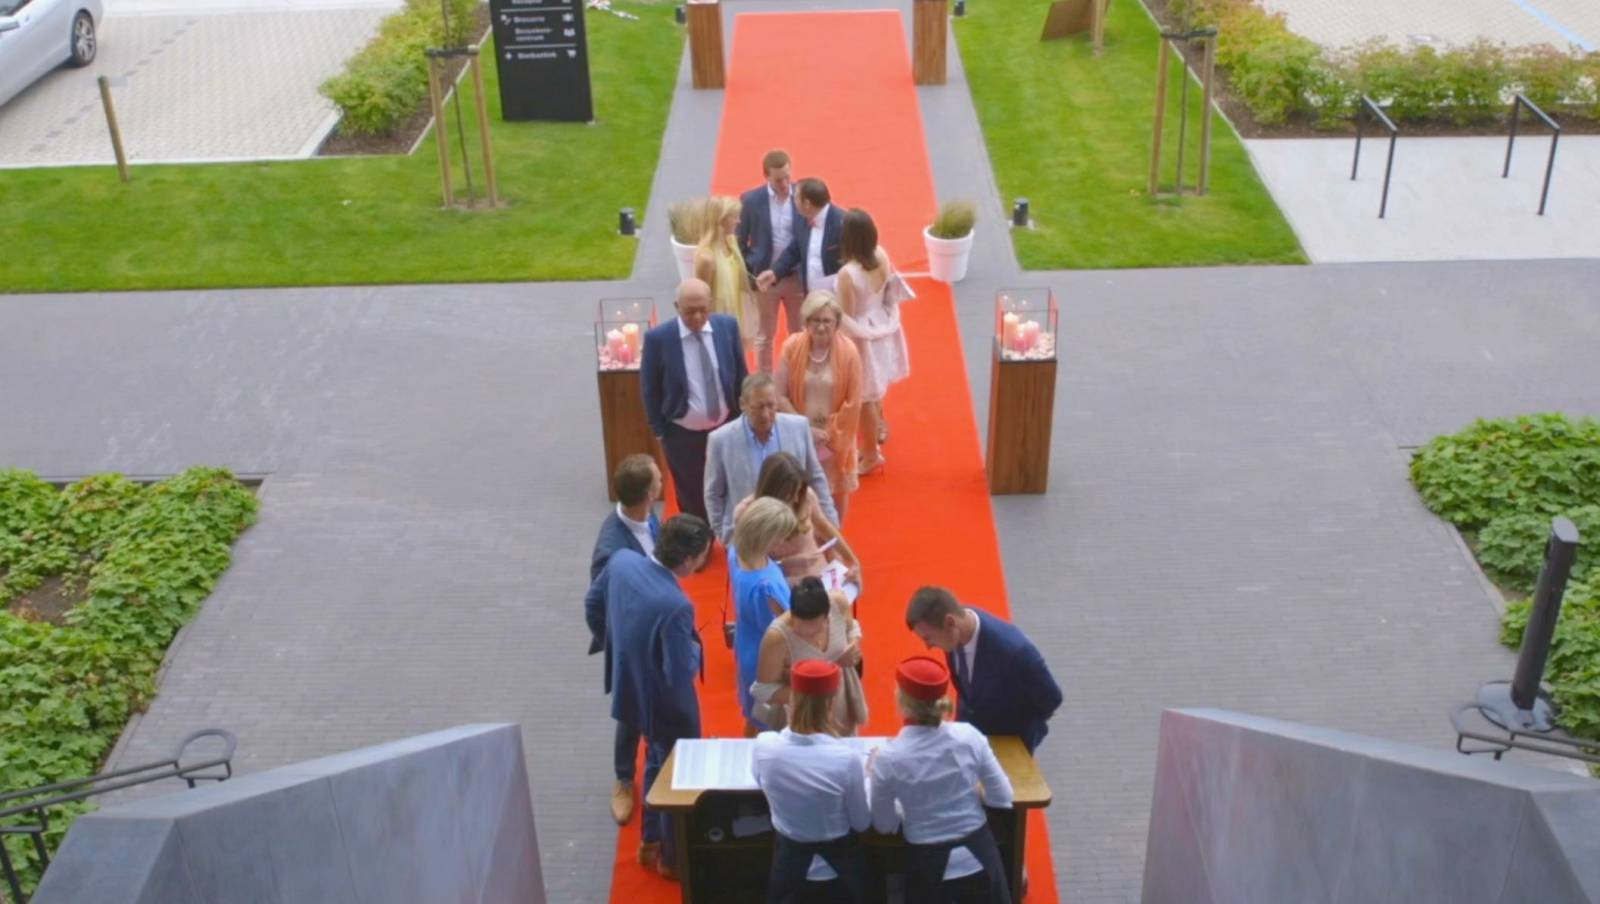 Het Bierkasteel - Feestzaal Izegem (West-Vlaanderen) - Brouwerij - Restaurant - Industrieel - House of Weddings - 13